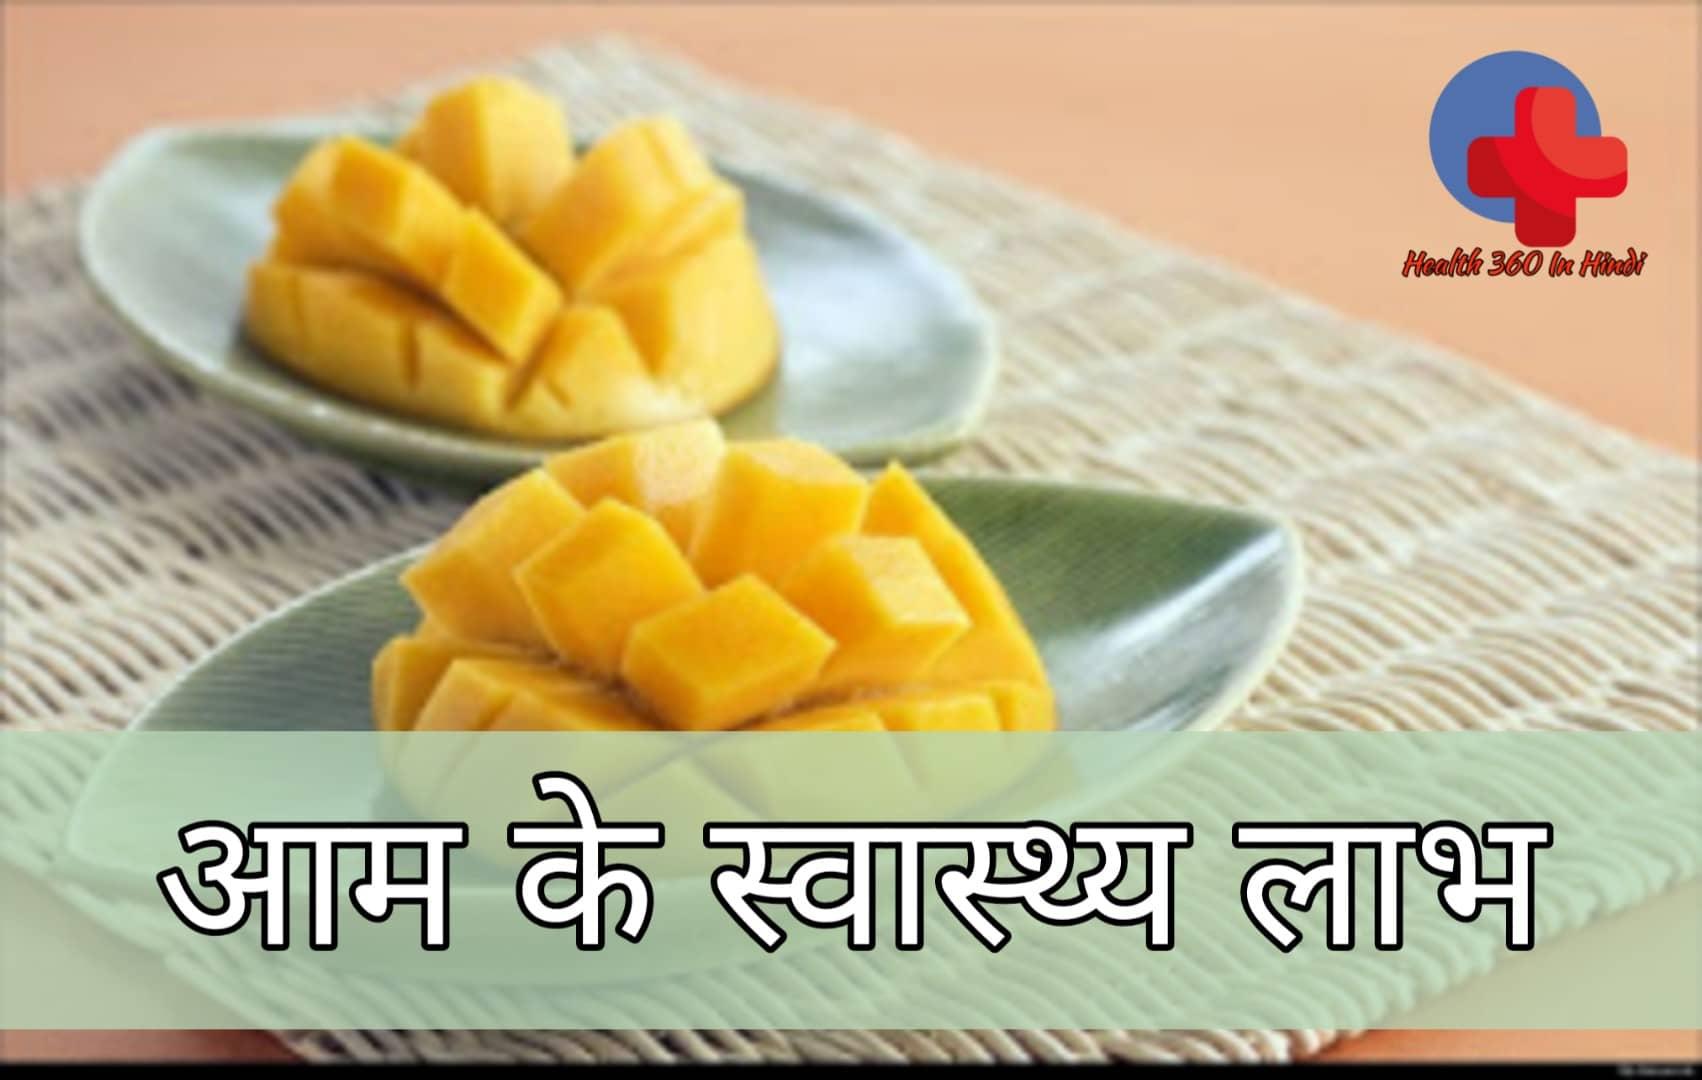 आम के औषधीय गुण तथा पोषण मूल्य – Mango benefits in Hindi